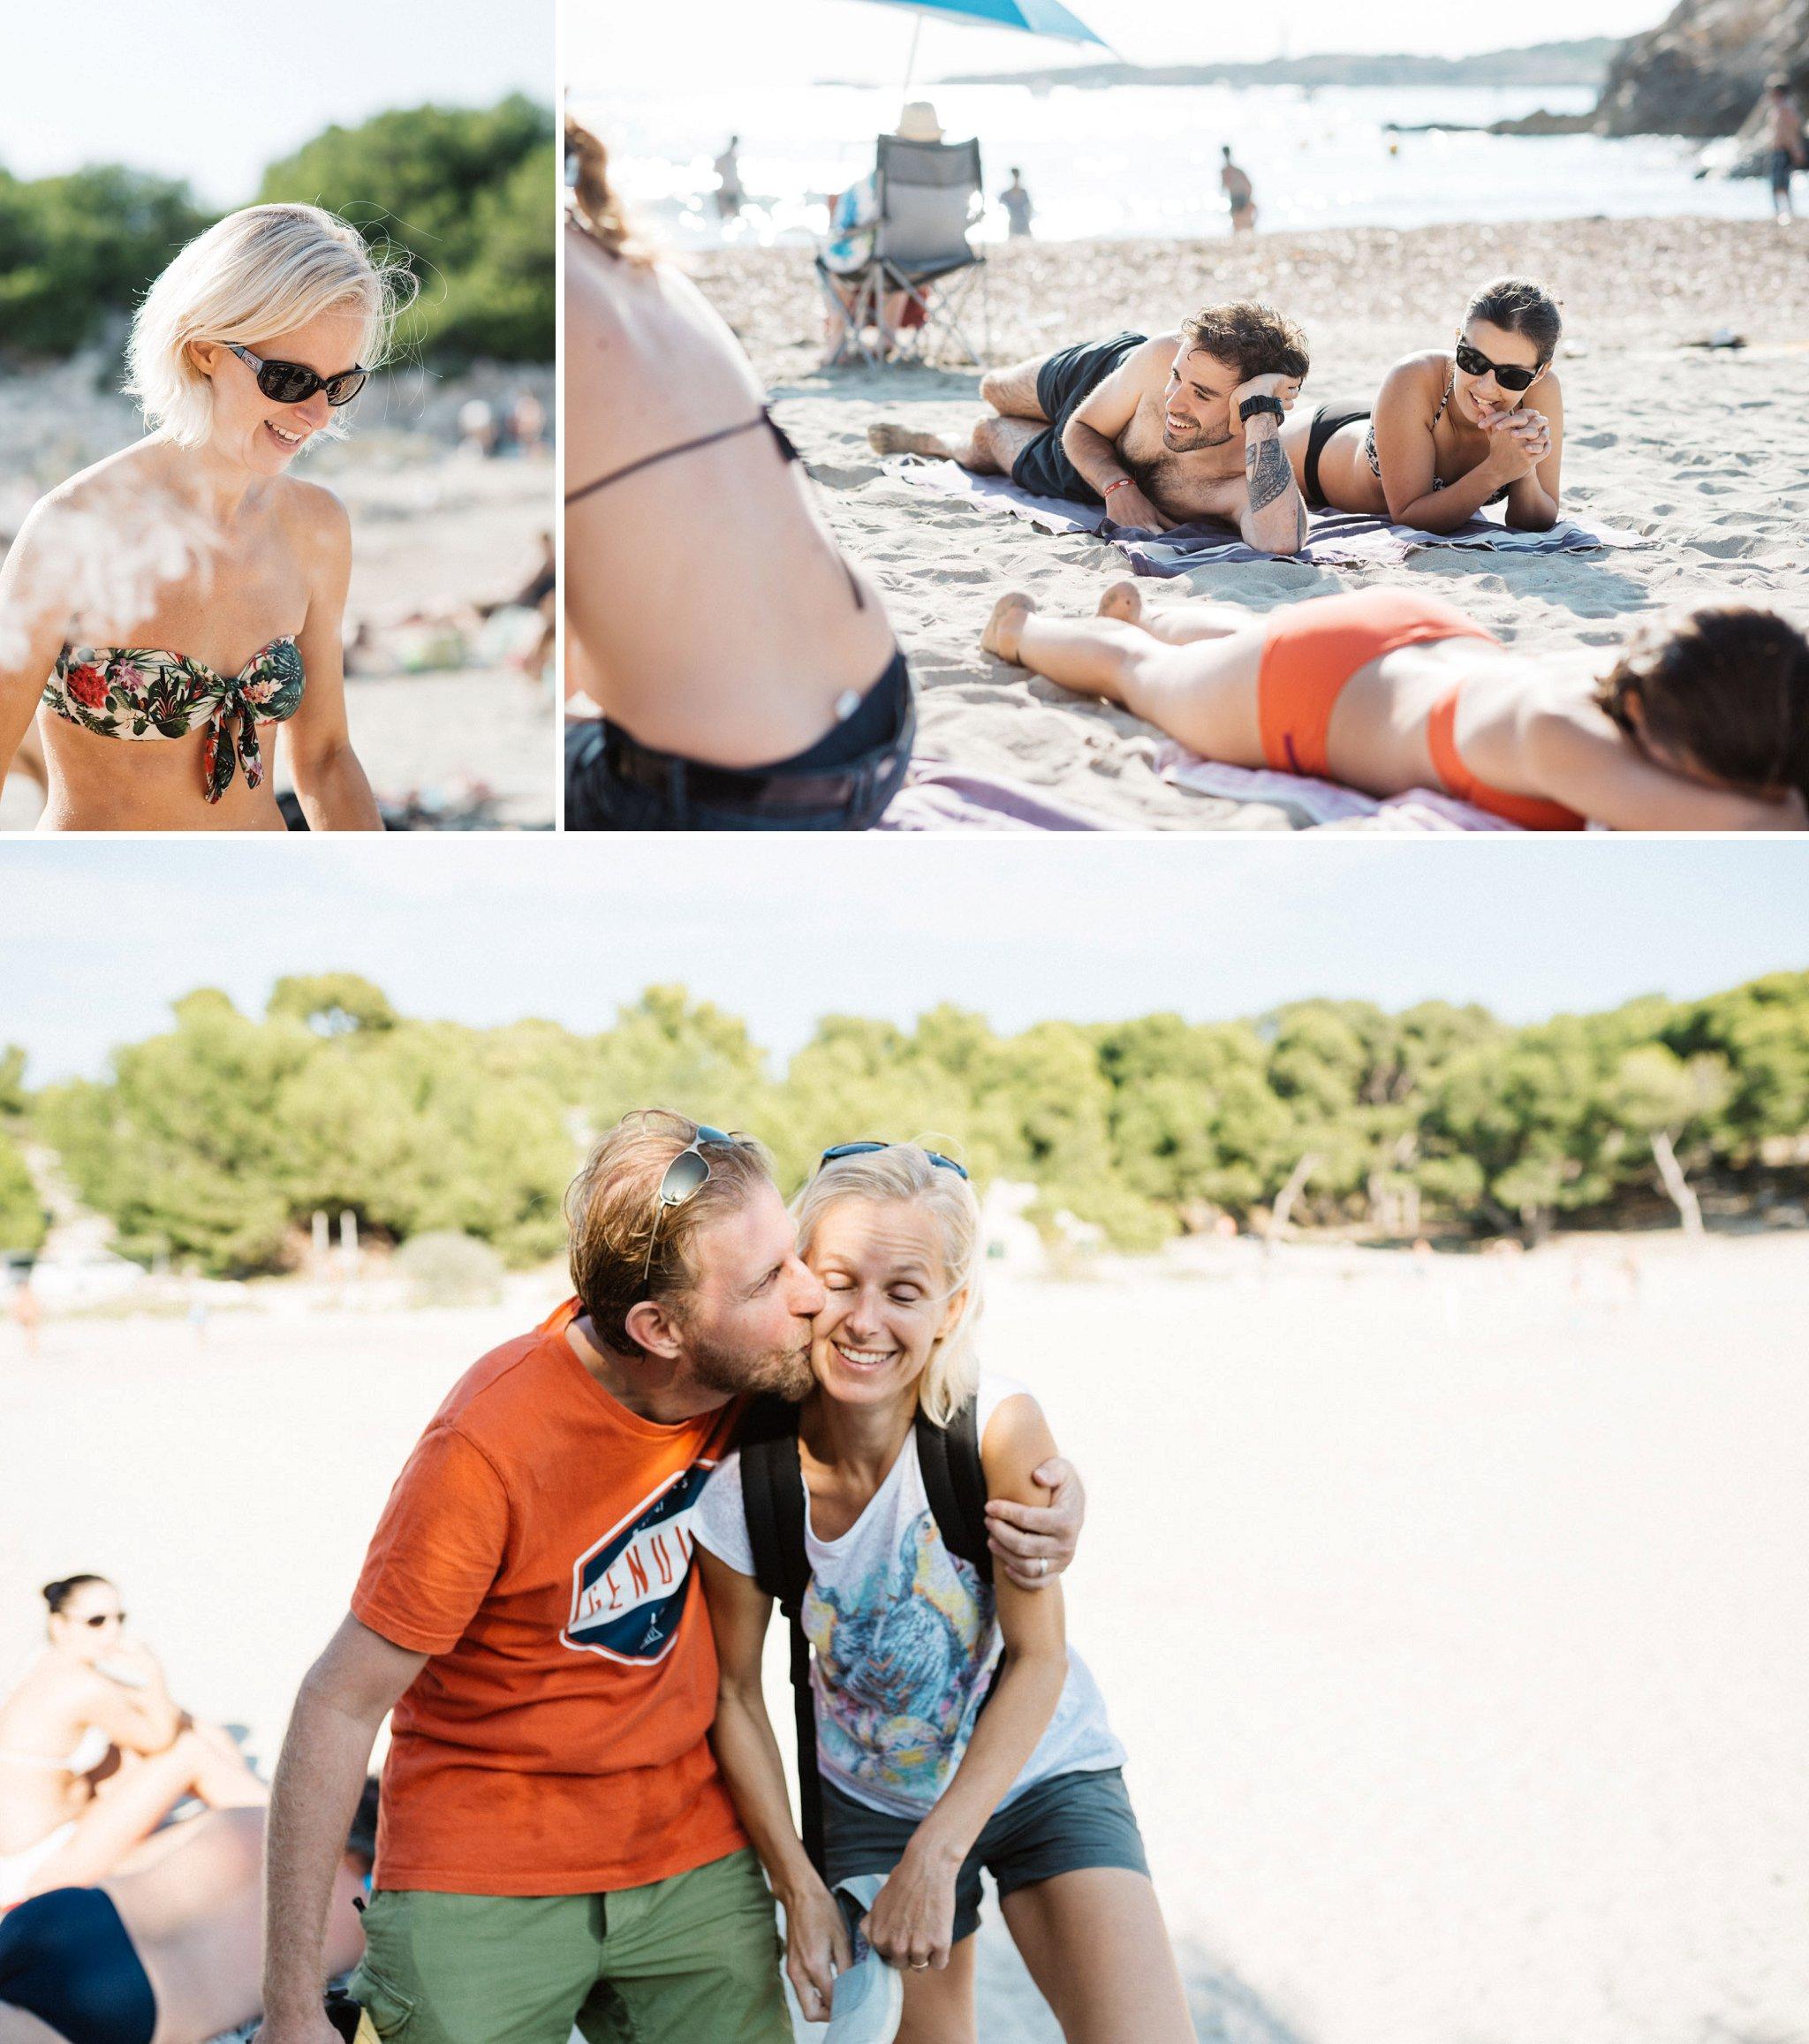 mariage-amis-provence-mediterranee-plage-convivial (4)